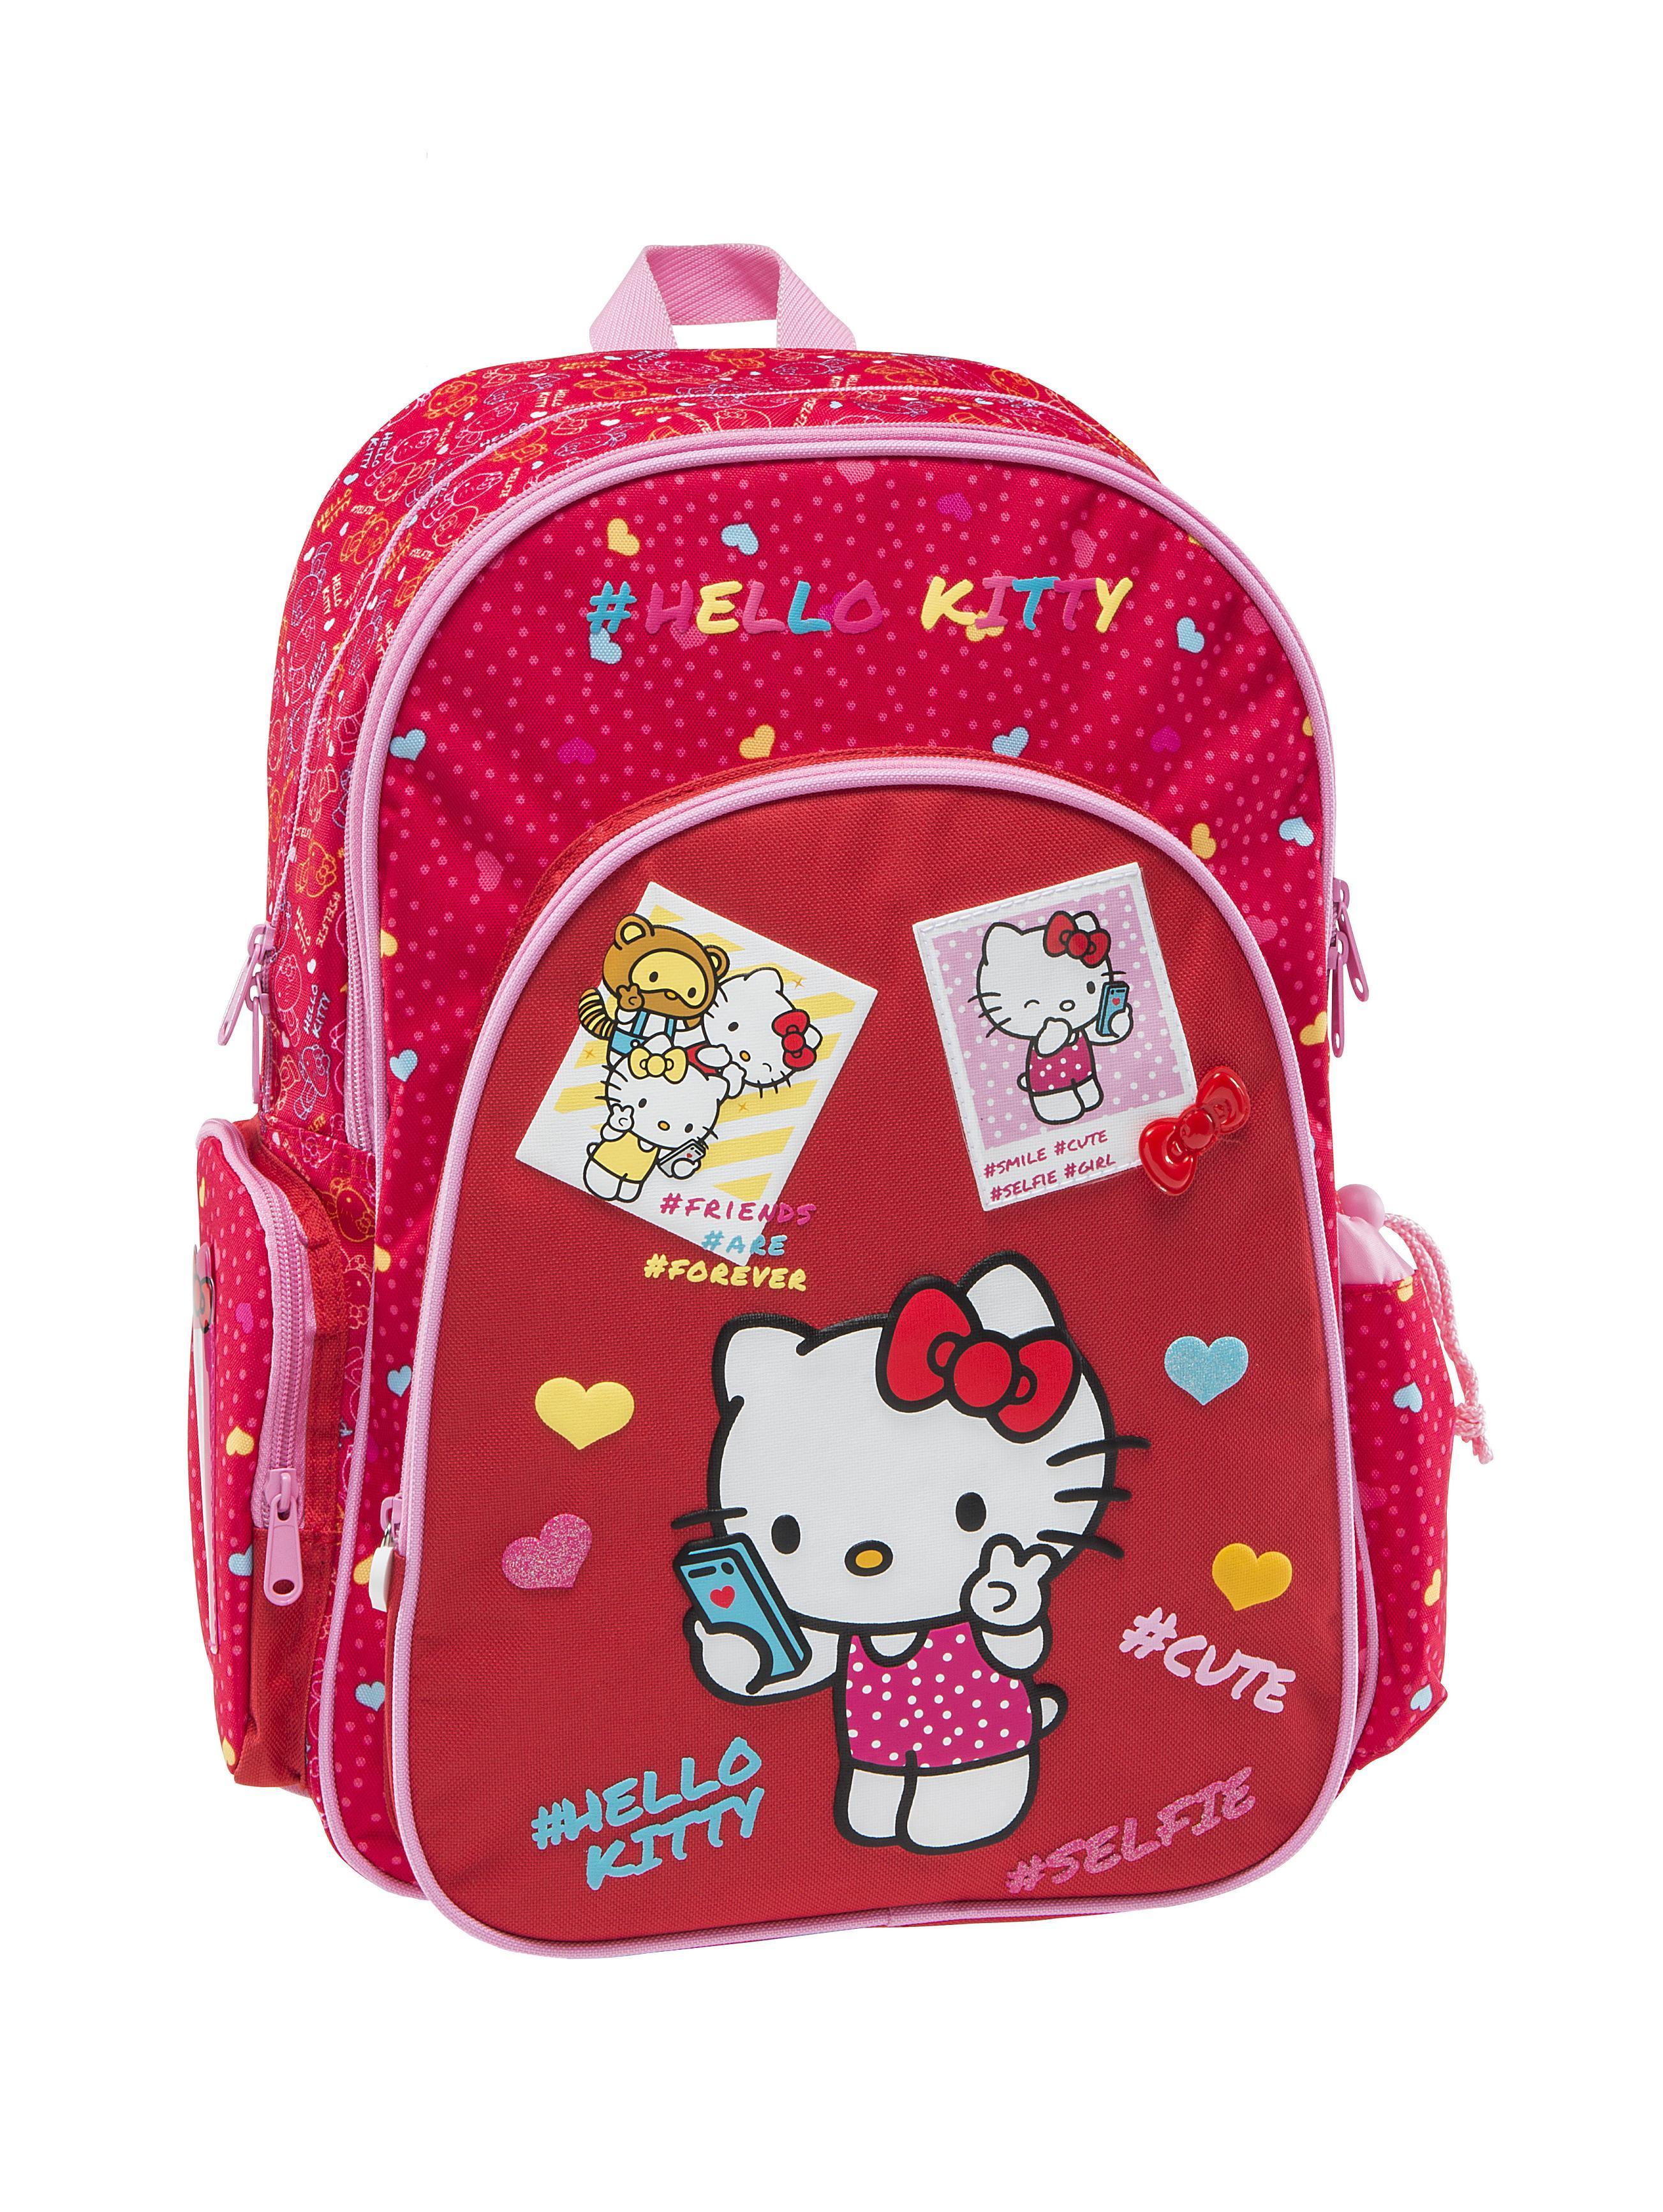 621b54fd7b Graffiti - Σακίδιο σχολικό πολυθεσιακό Hello Kitty kids κόκκινο ...